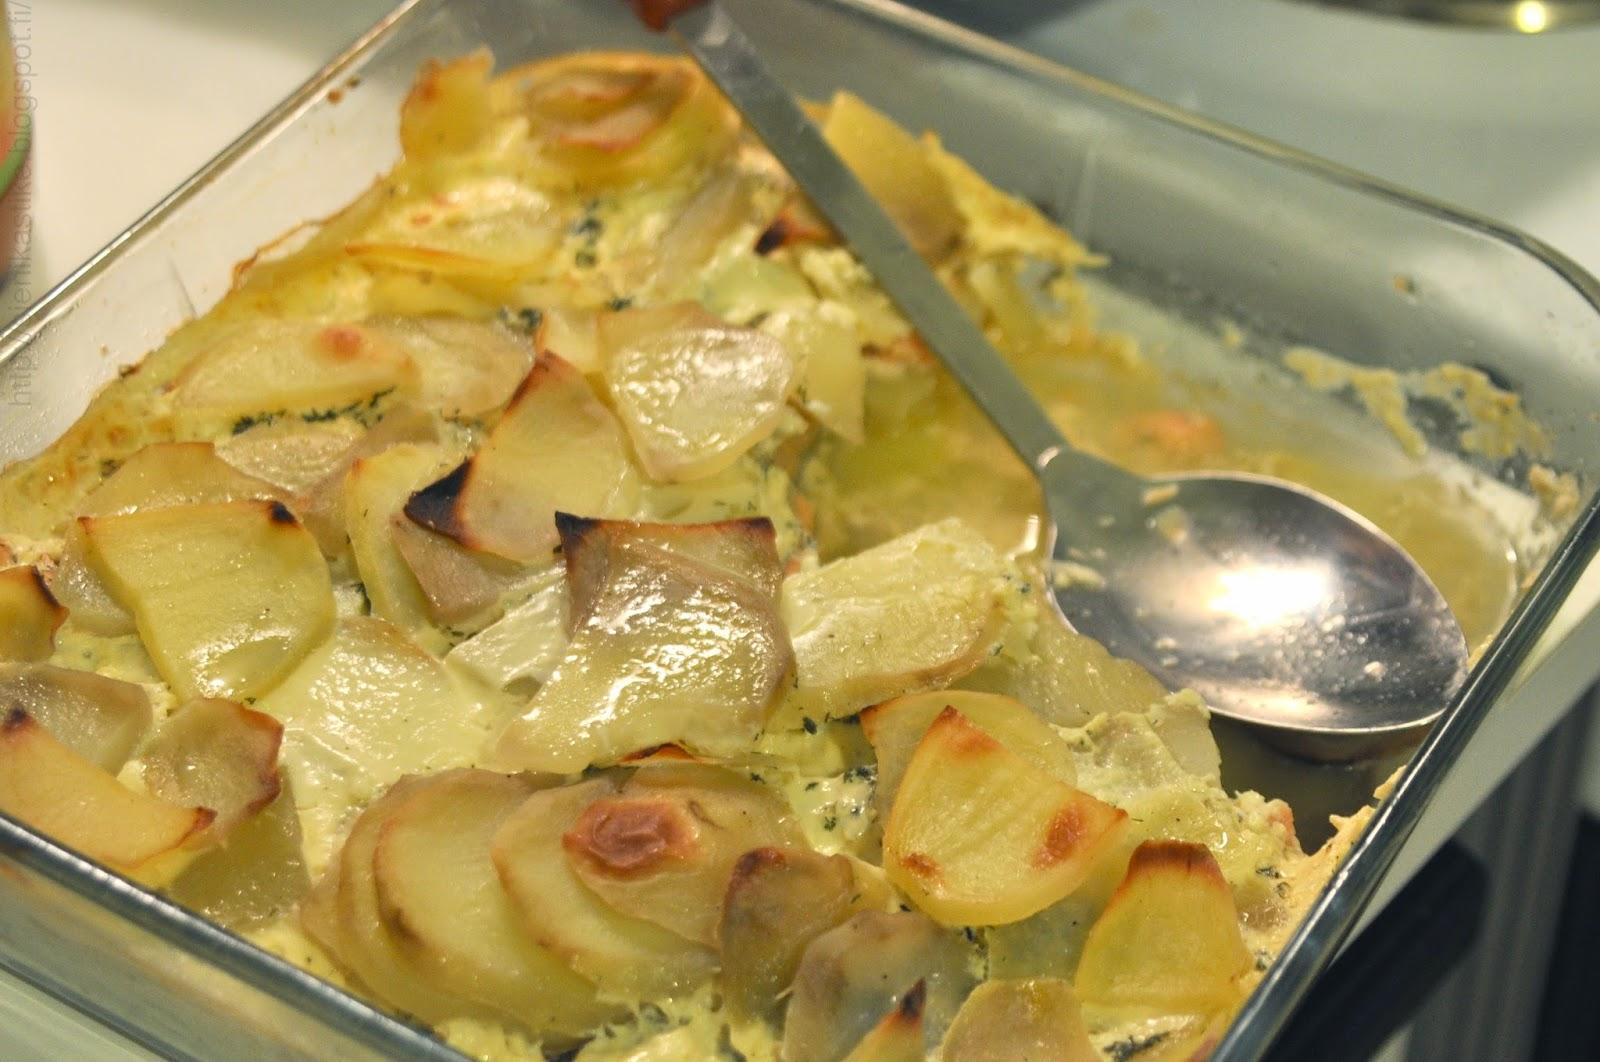 рыбные блюда, запеканки, картошка, обед, ужин, рецепты